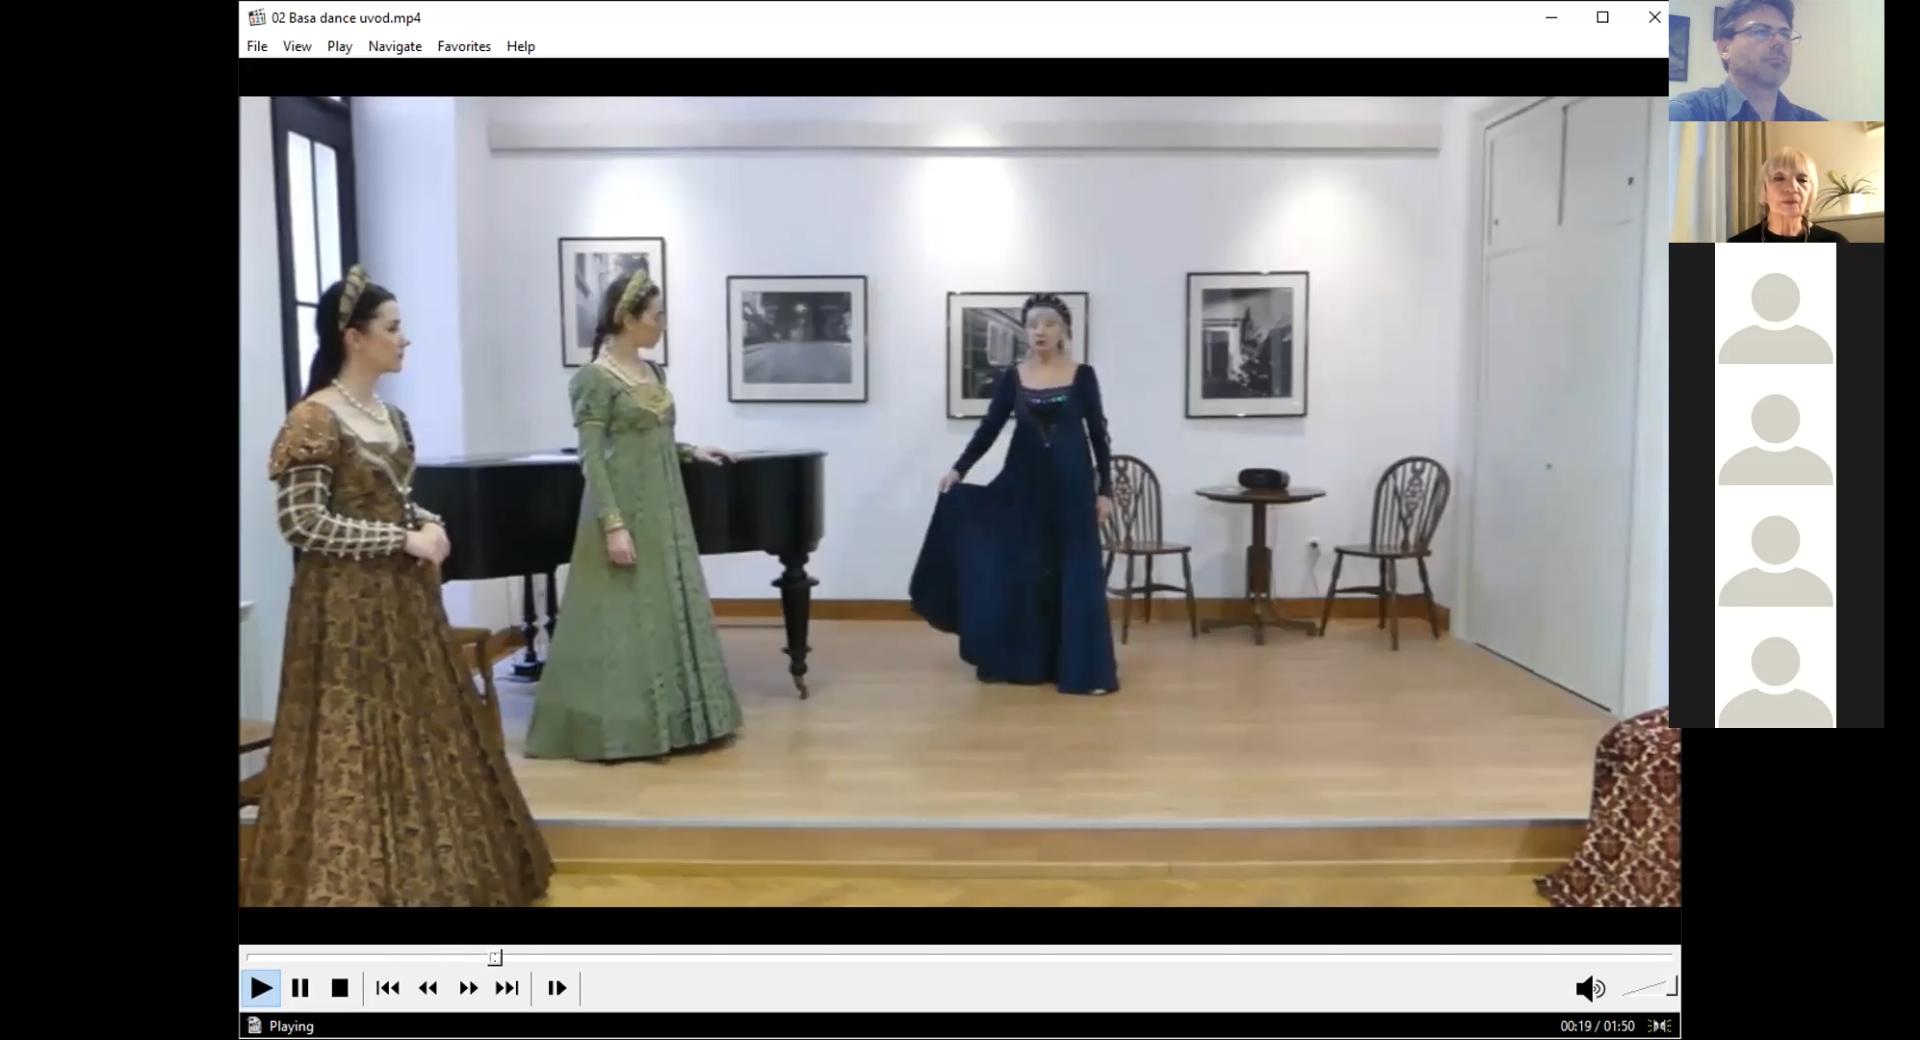 Održane treća i četvrta radionica dvorskih plesova iz ciklusa plesna umjetnost